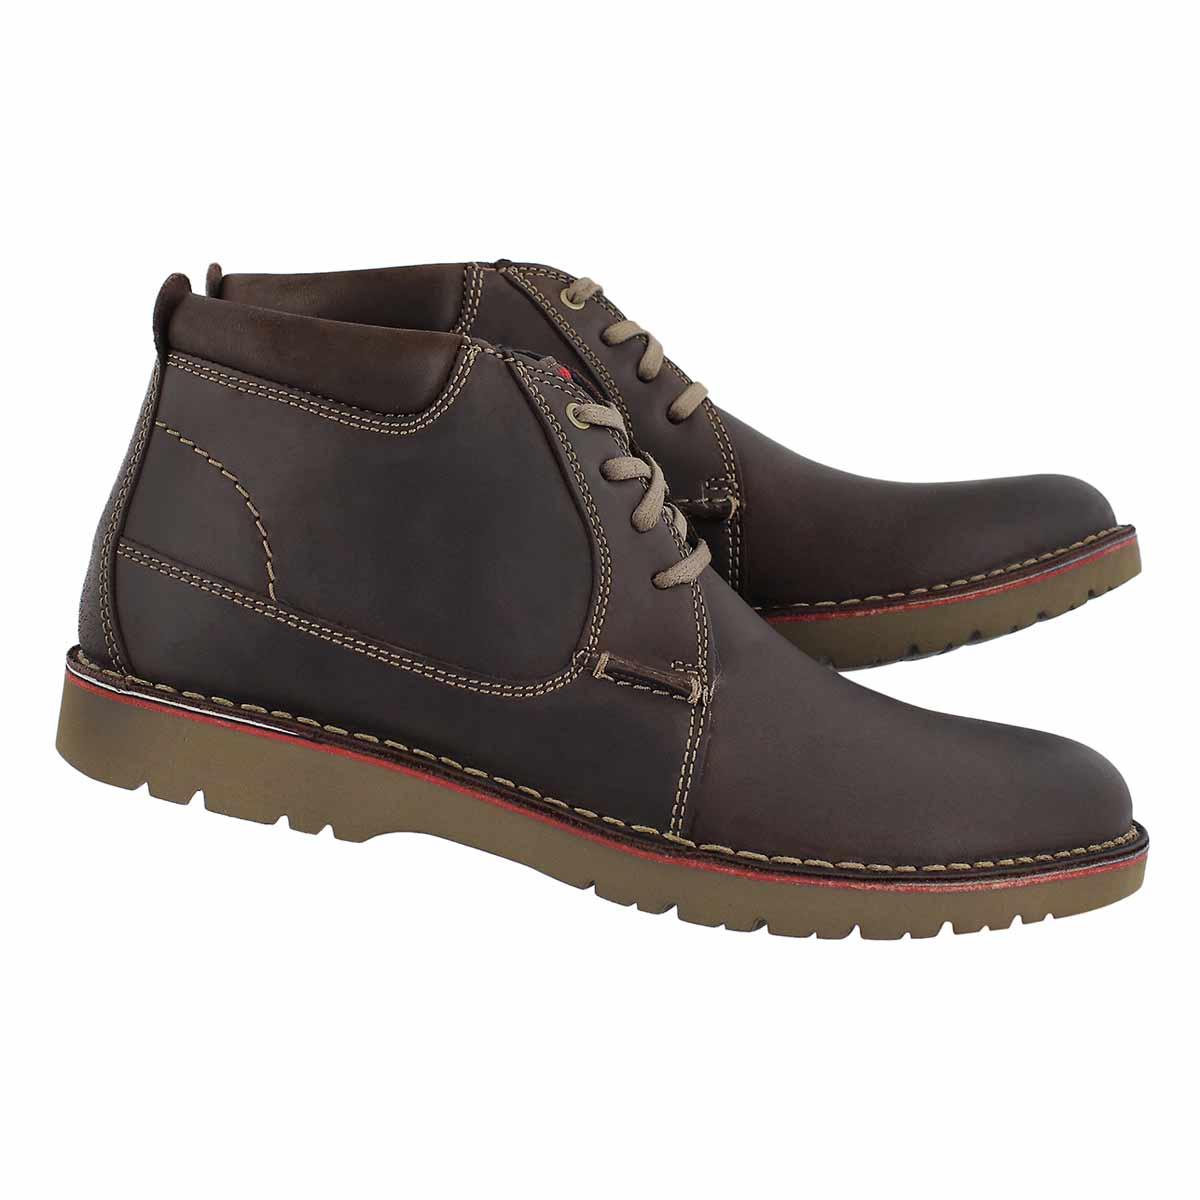 Mns Vargo Mid dark brown chukka boot